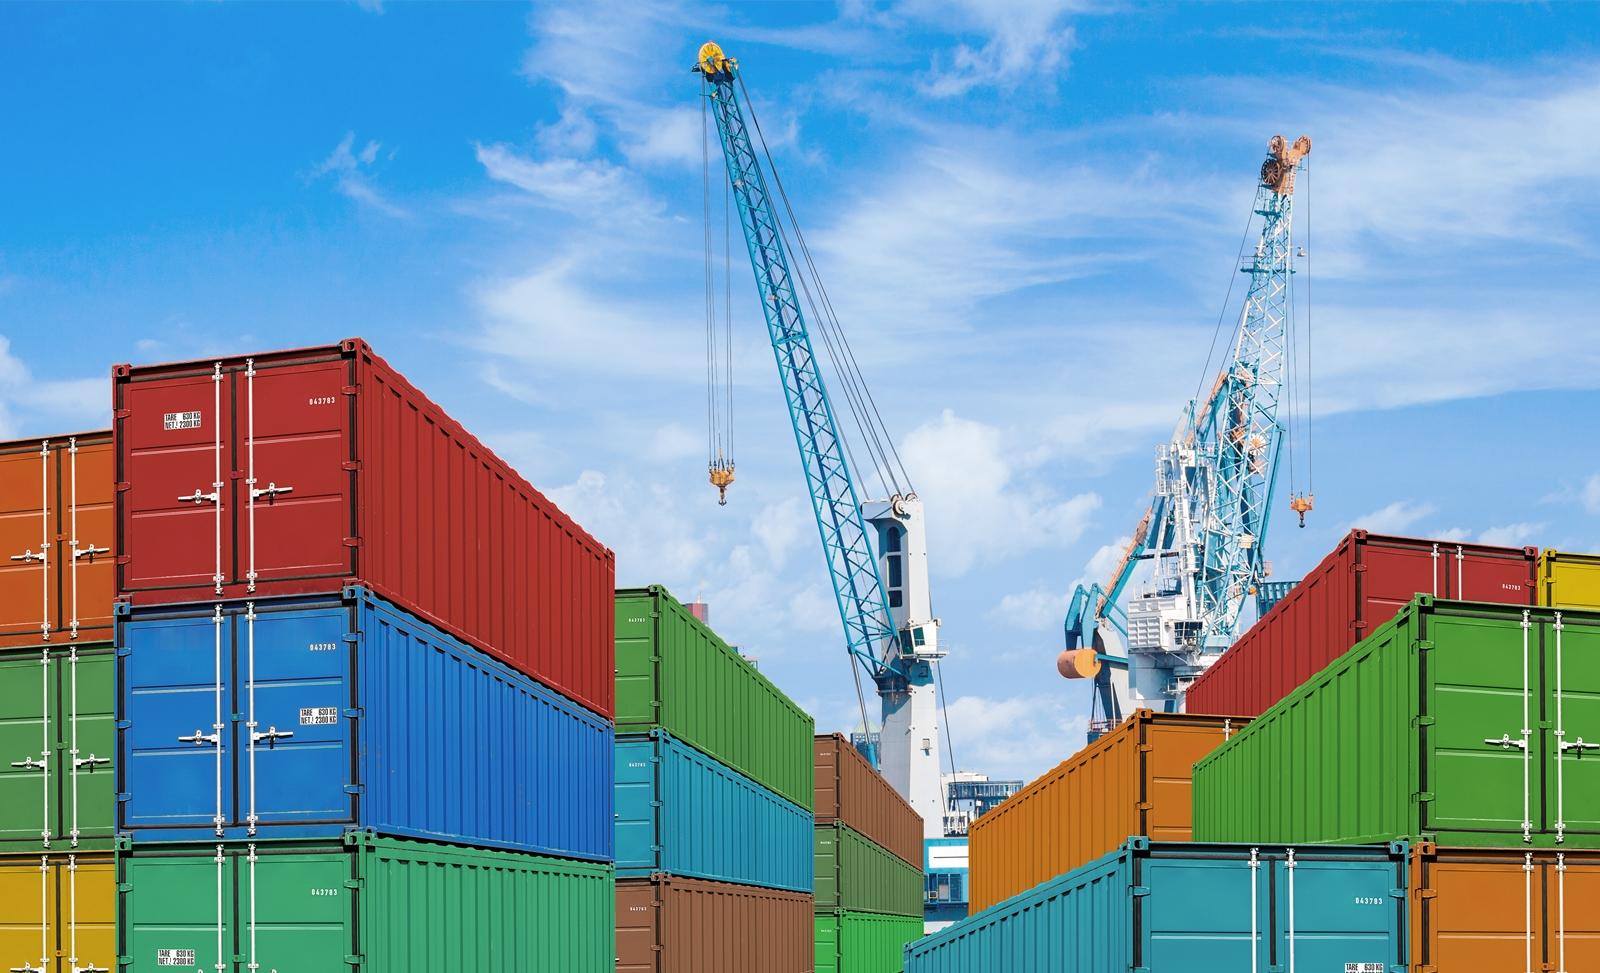 ocean shipping service